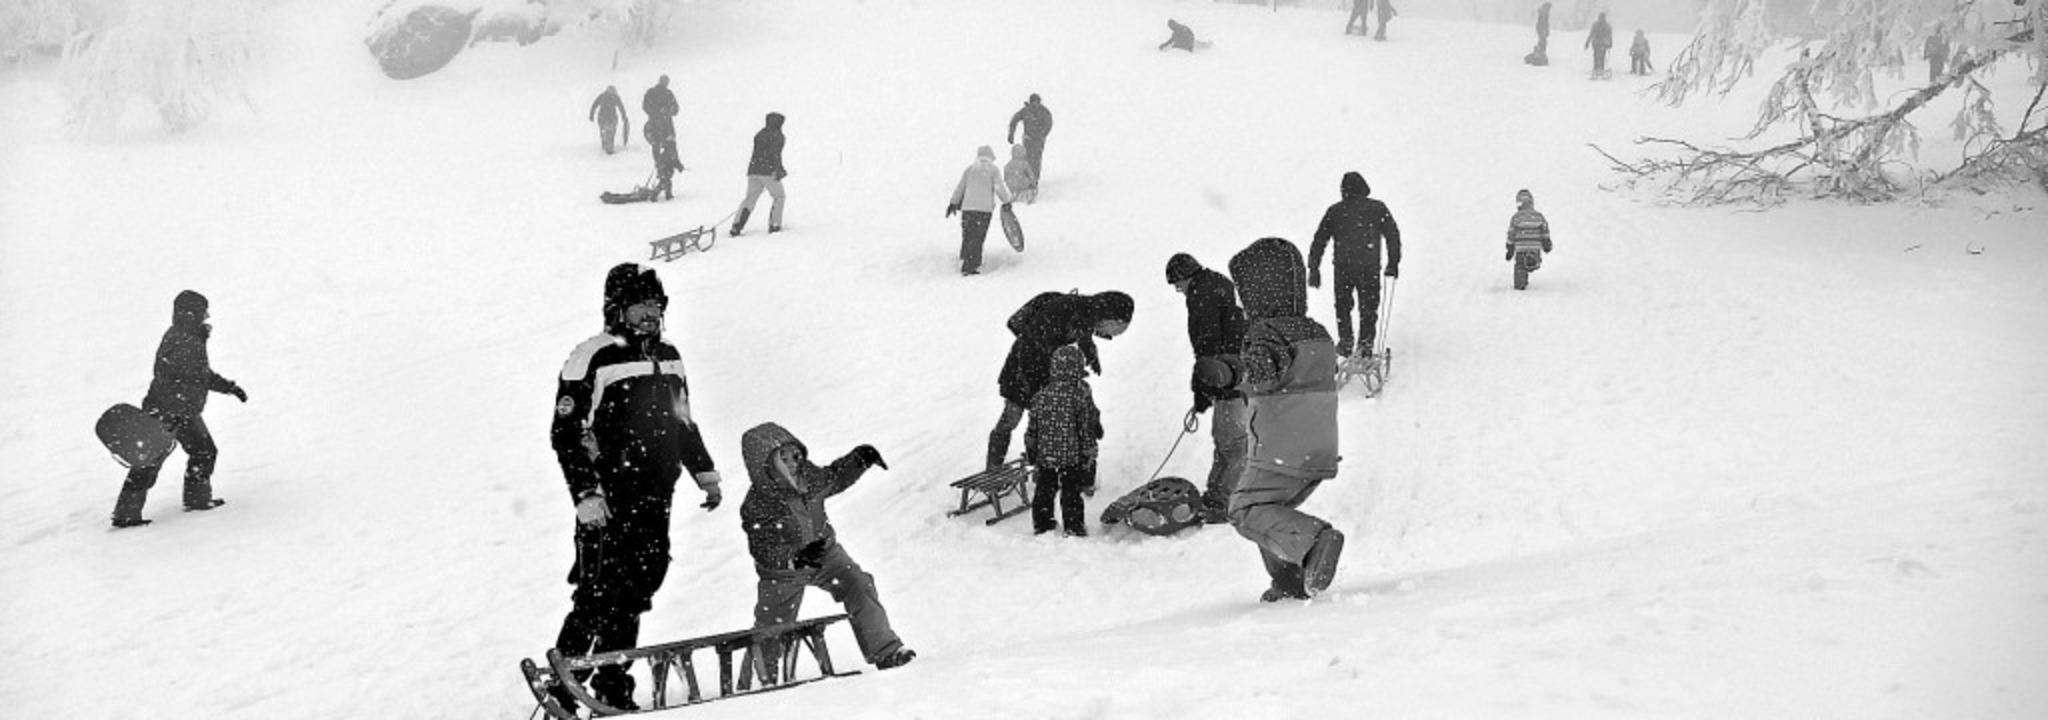 Beste Bedingungen boten sich  am Wochenende für Rodler auf dem Kandel.    Foto: Christian Ringwald